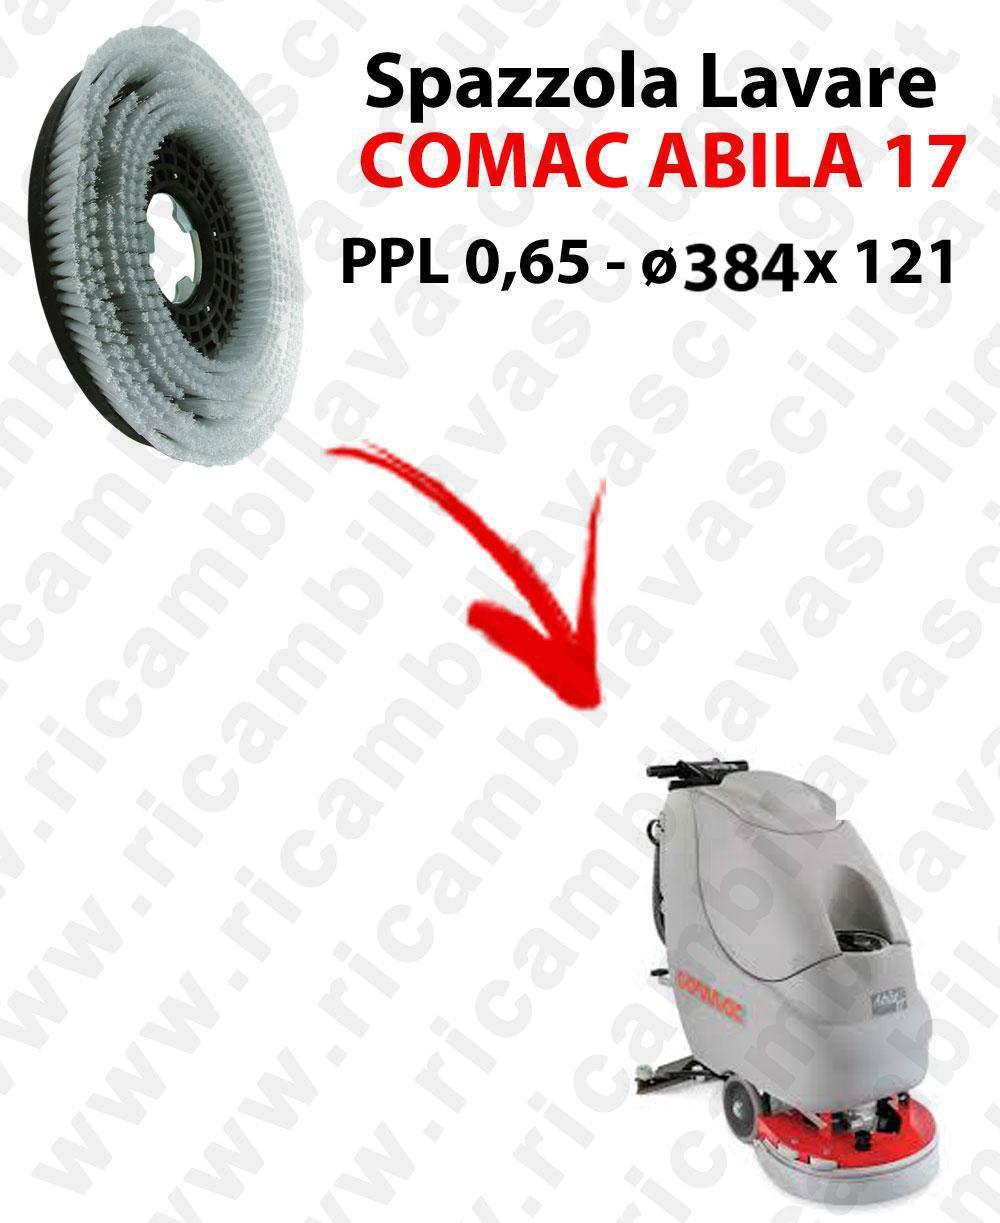 ABILA 17 Standard Bürsten für scheuersaugmaschinen COMAC